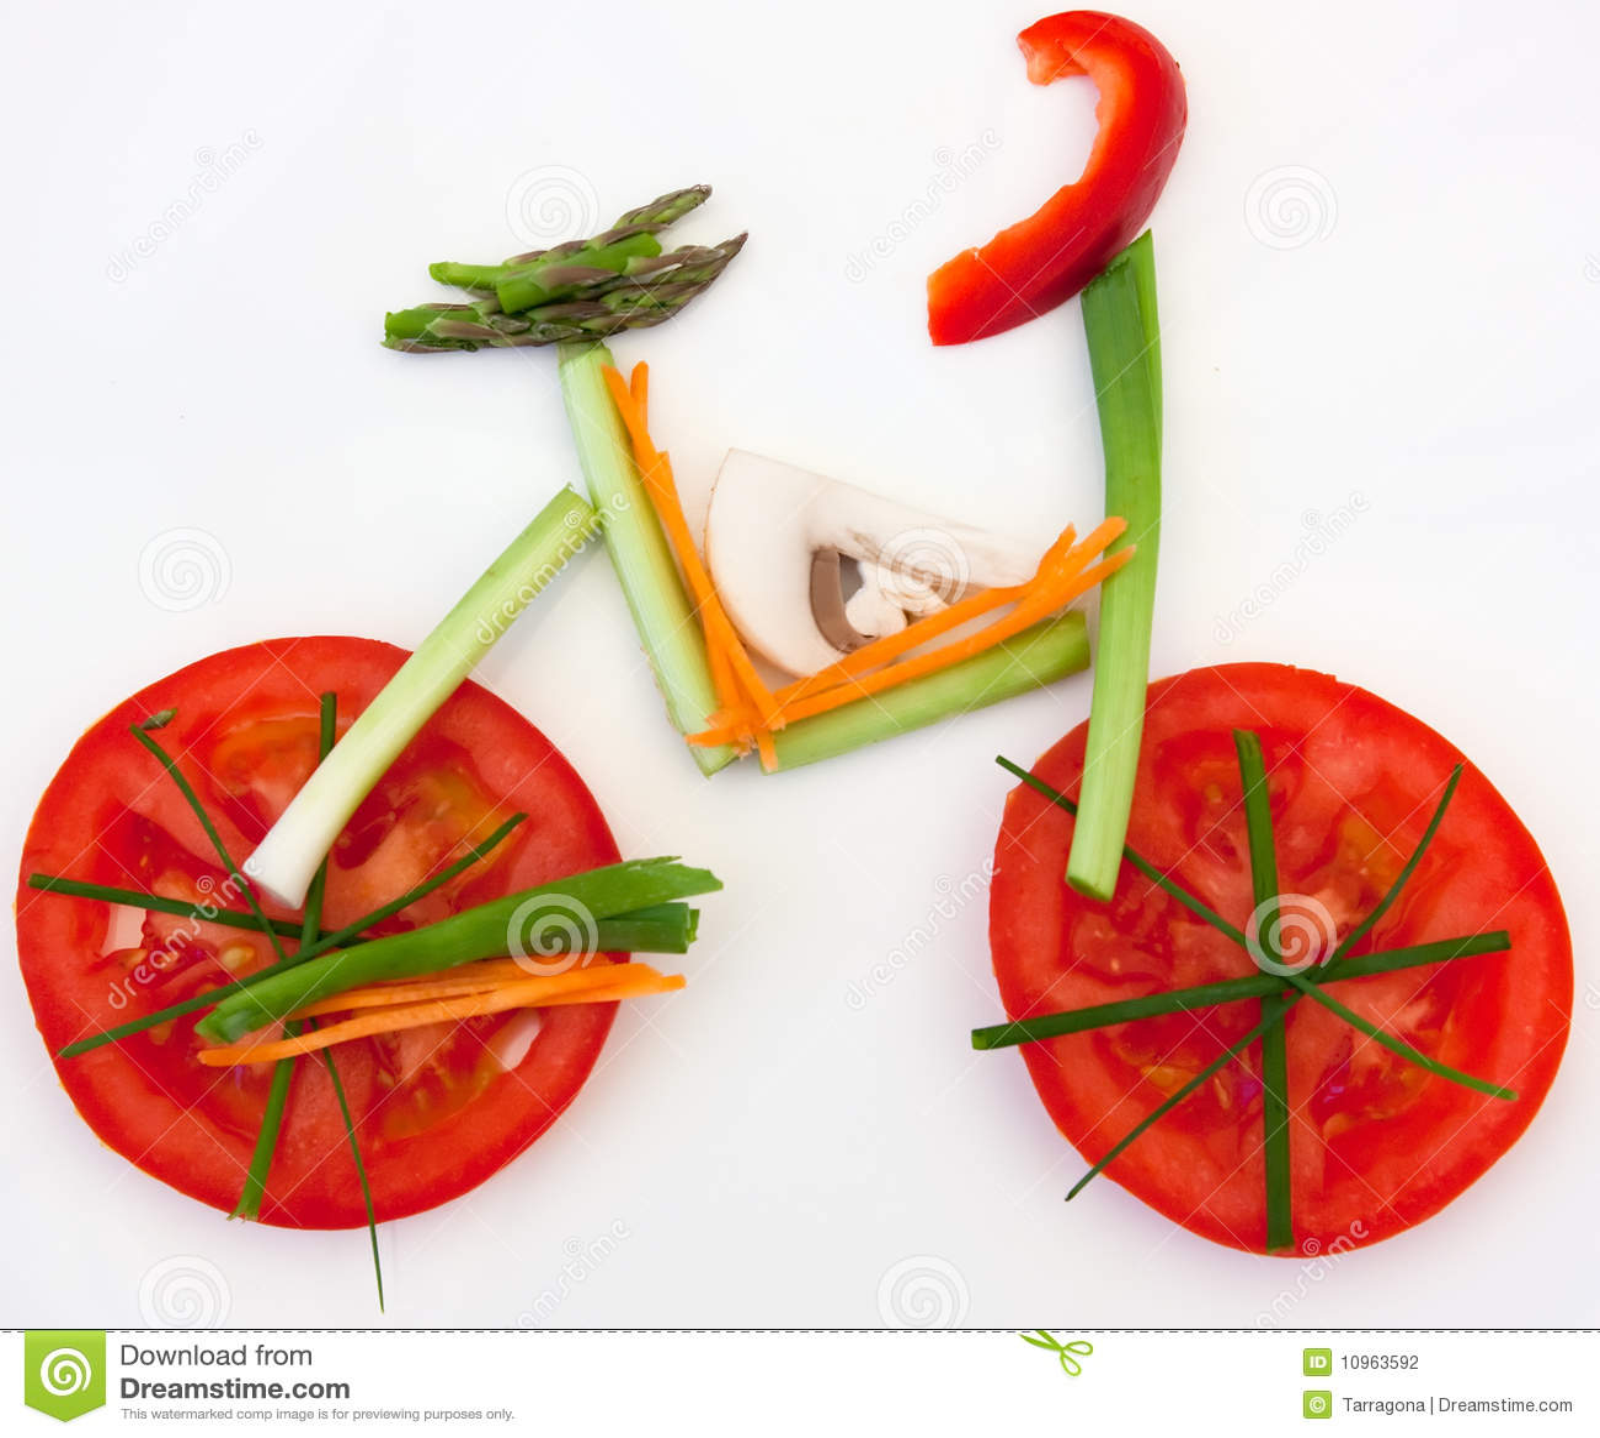 Healthy vegetable bicycle food